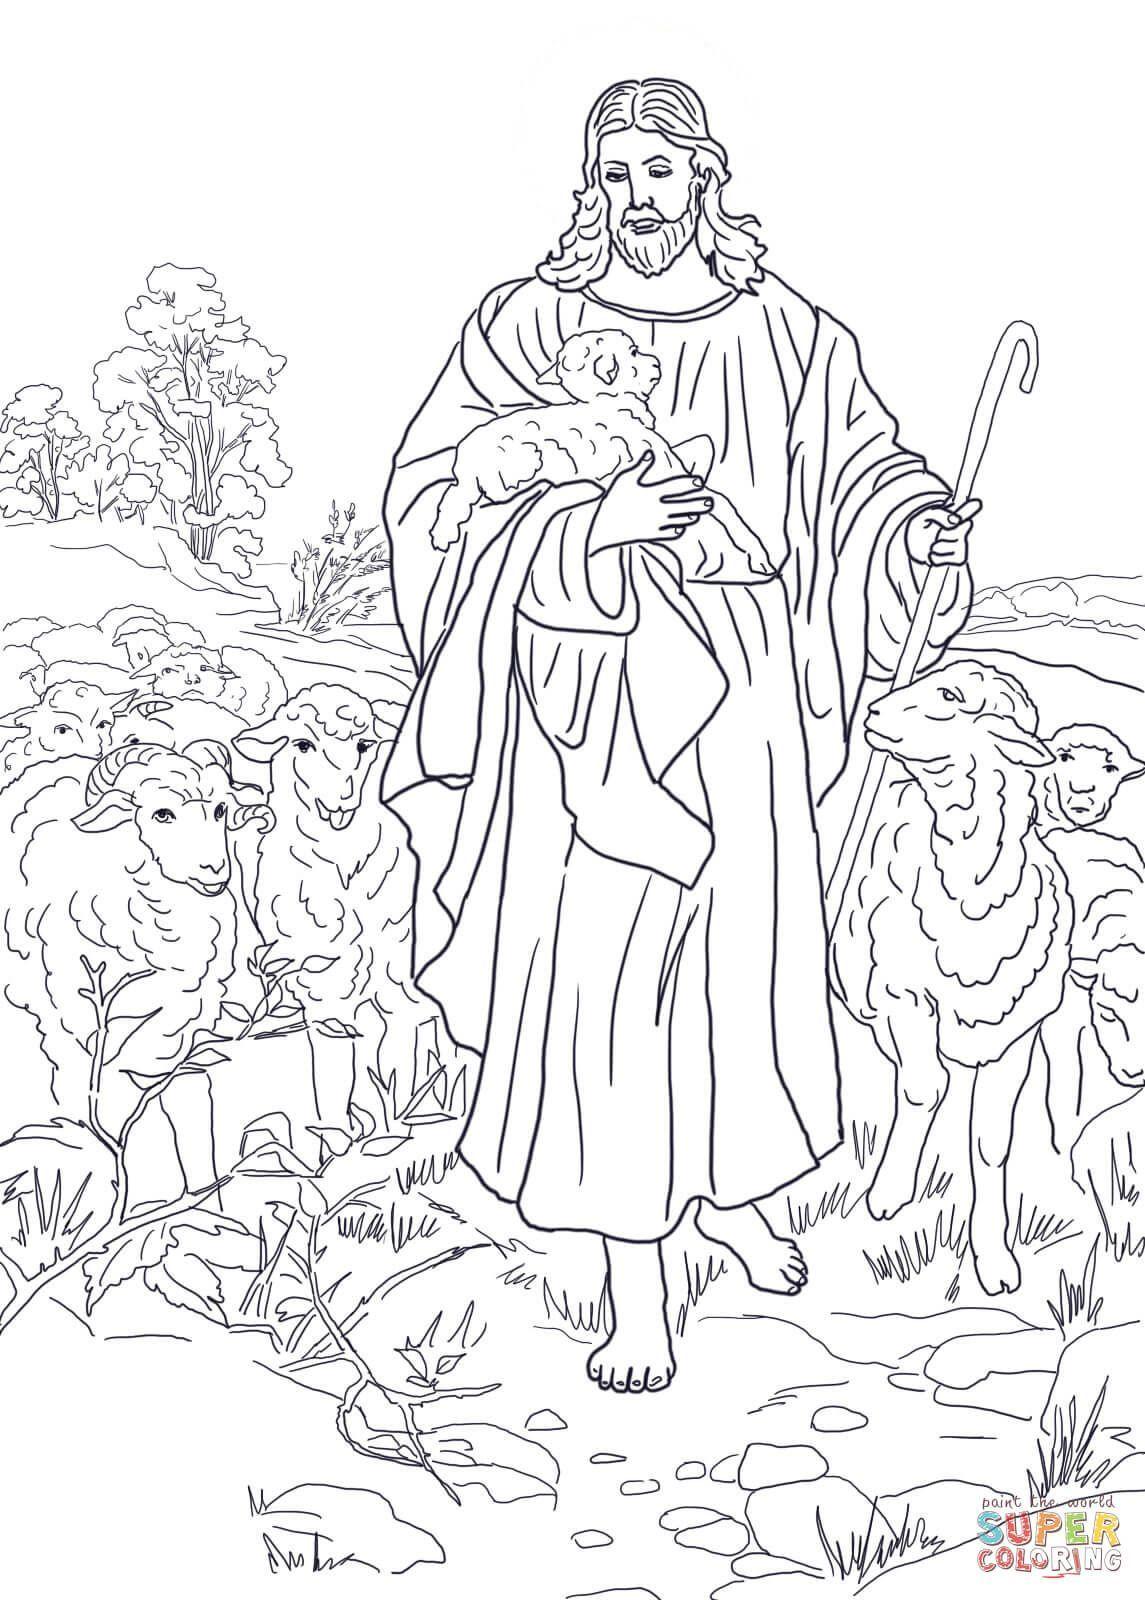 Jesus Is The Good Shepherd Coloring Page Free Printable Dibujos De Jesus Dibujos Dibujos Animados A Lapiz [ 1600 x 1145 Pixel ]